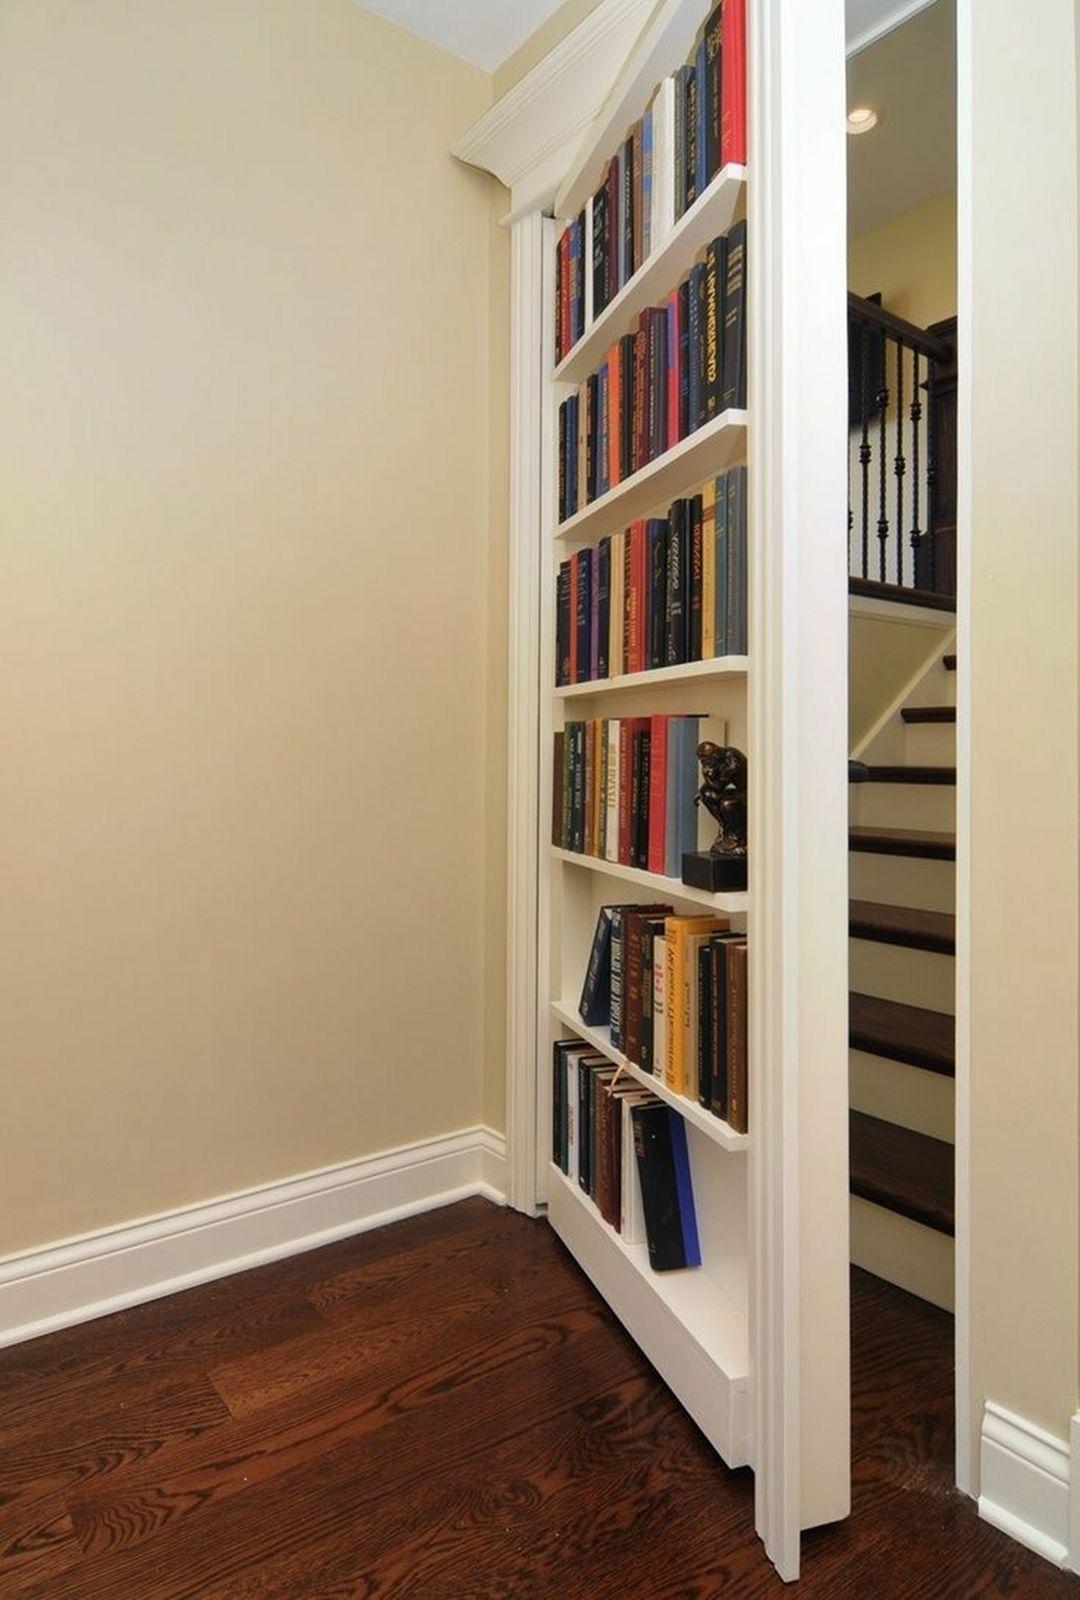 20 extraordinary hidden room design ideas you have to copy home rh pinterest com